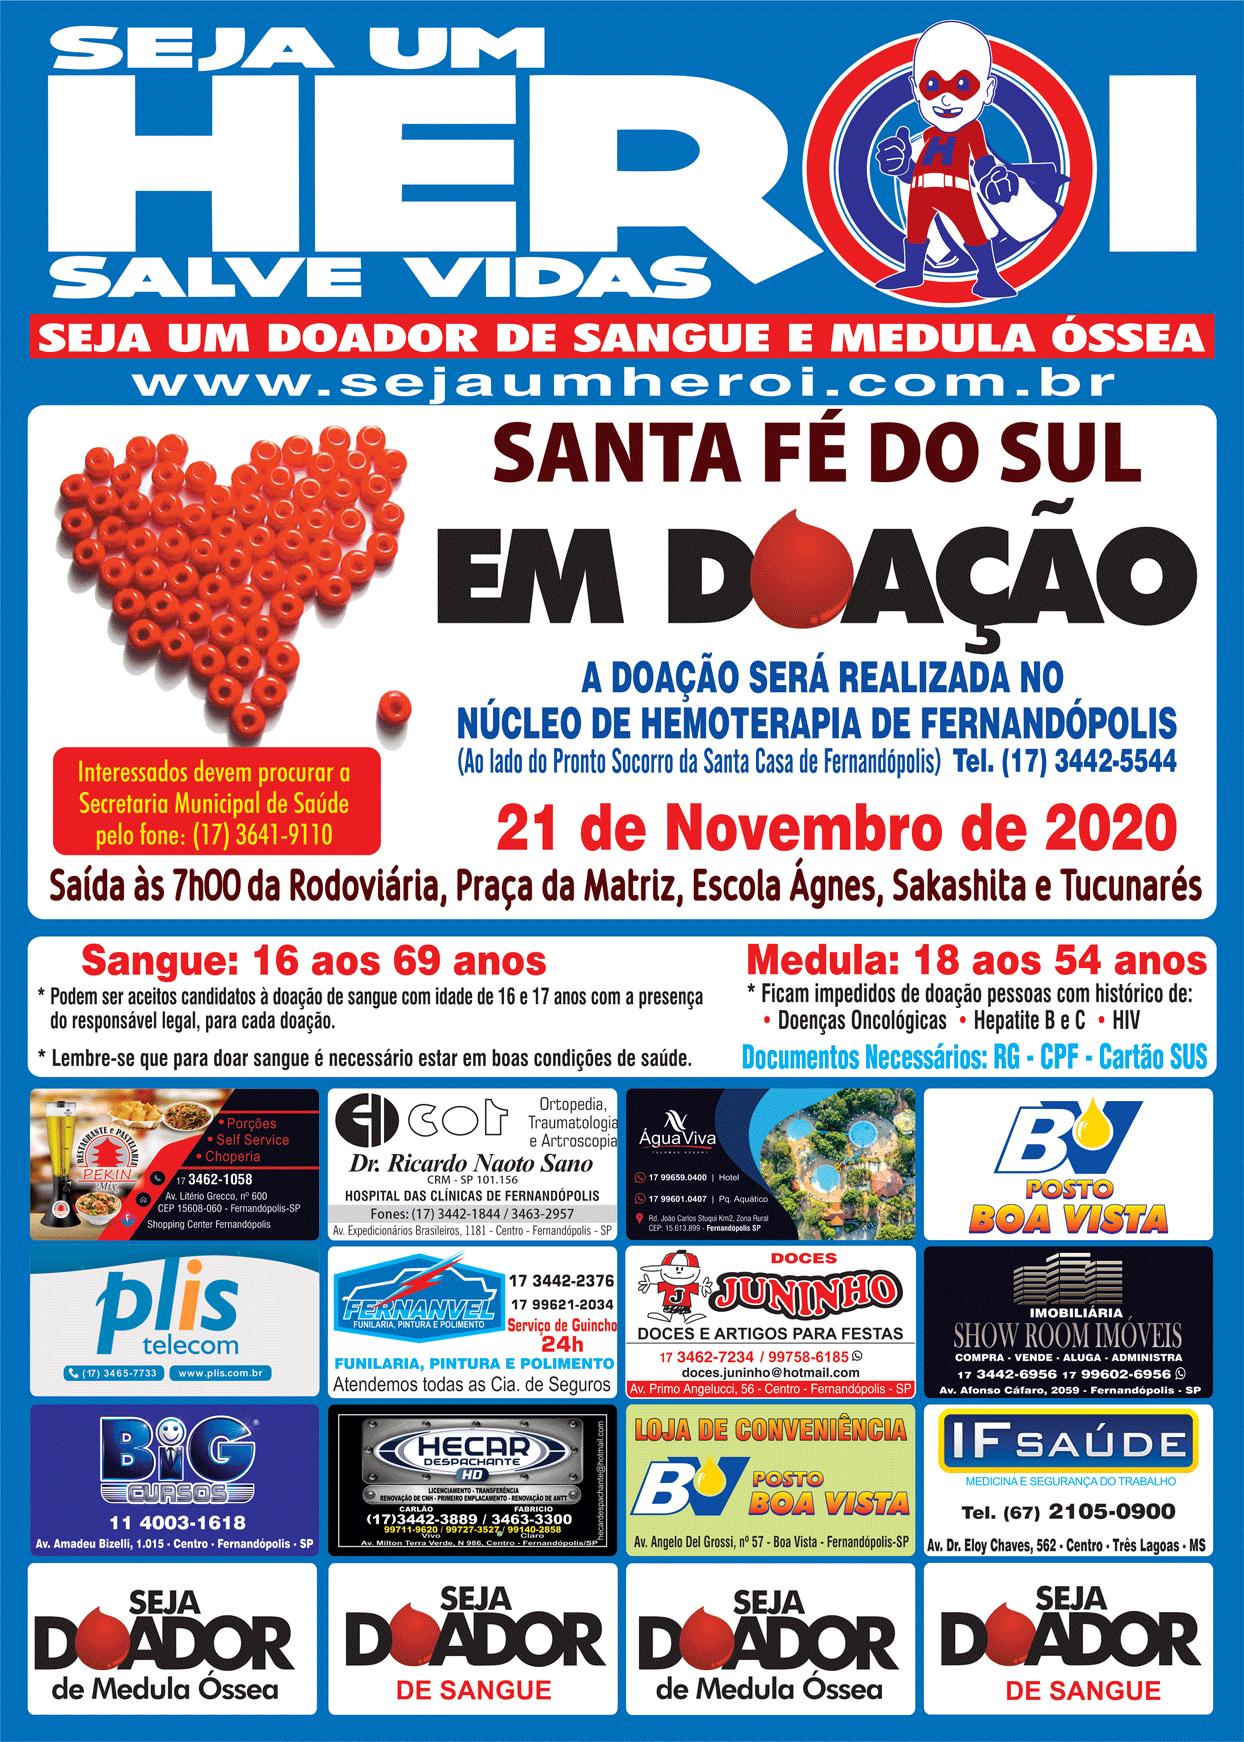 Santa Fé do Sul em Doação 21 de Novembro de 2020